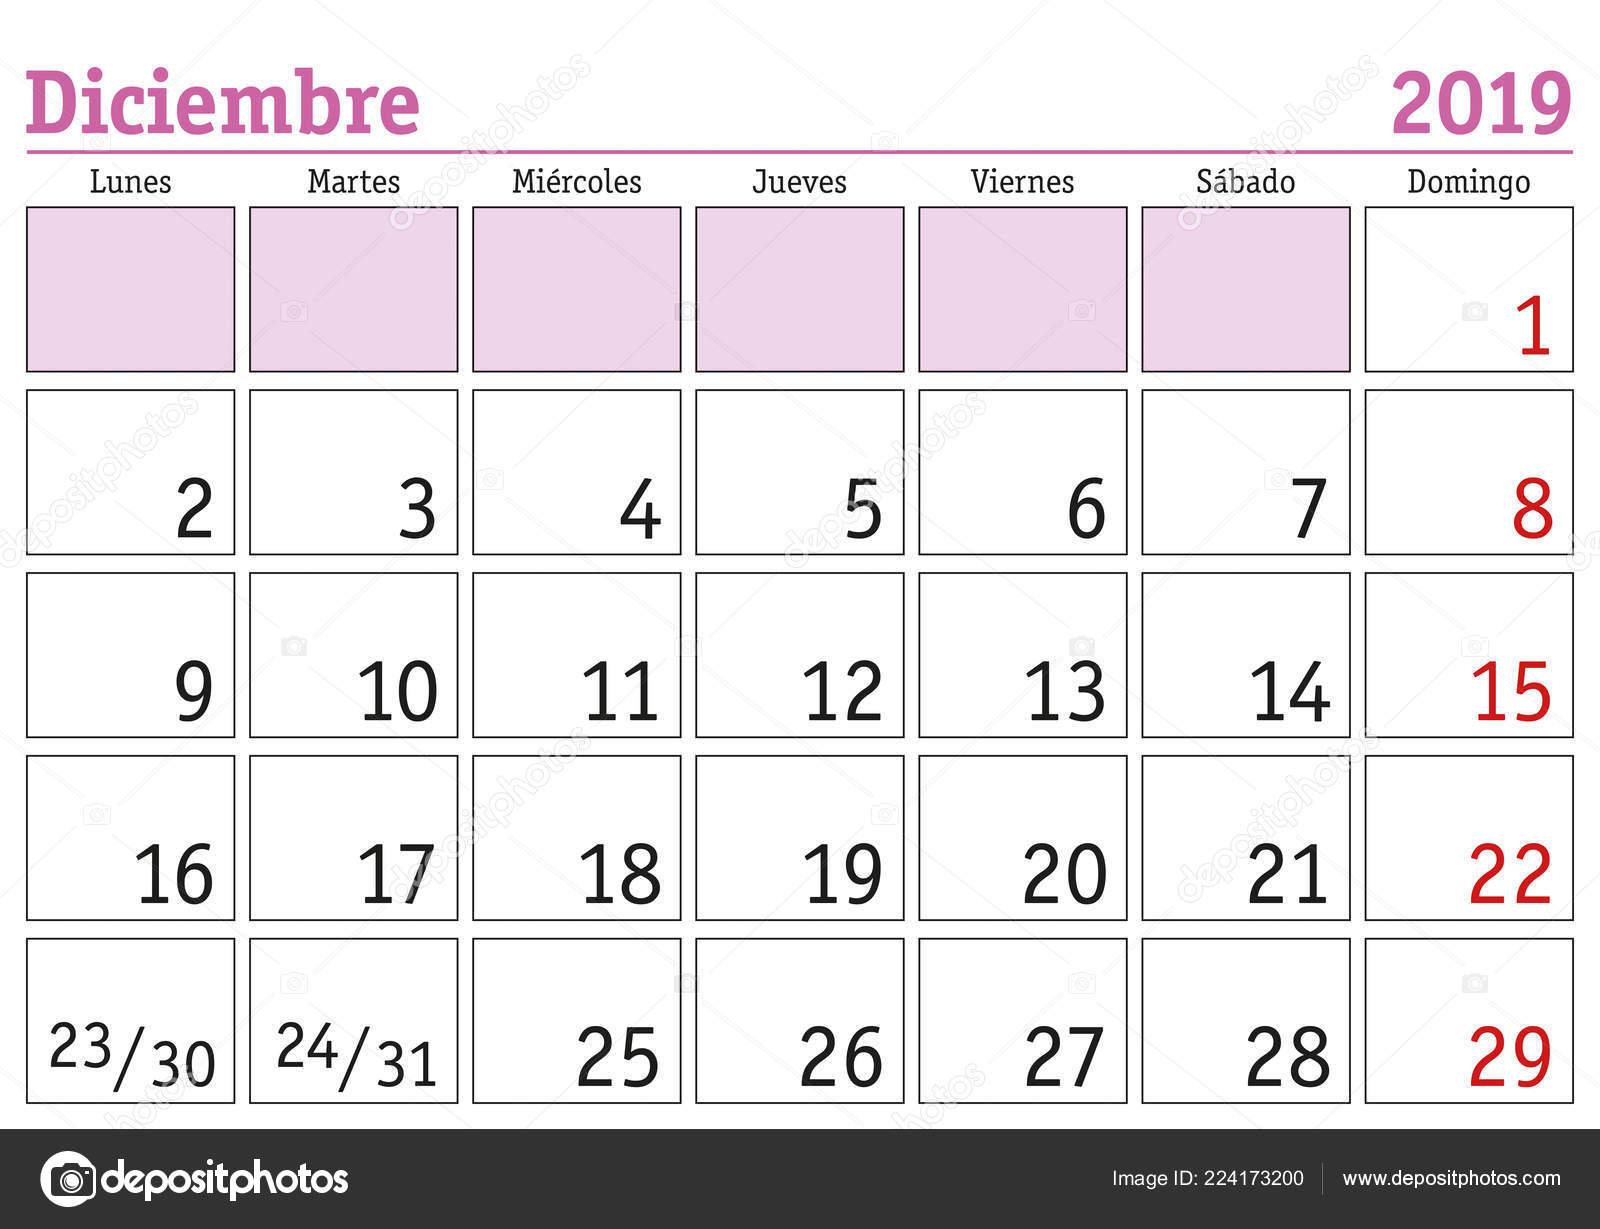 Calendario Mese Dicembre 2019.Mese Dicembre Calendario Parete Anno 2019 Spagnolo Diciembre